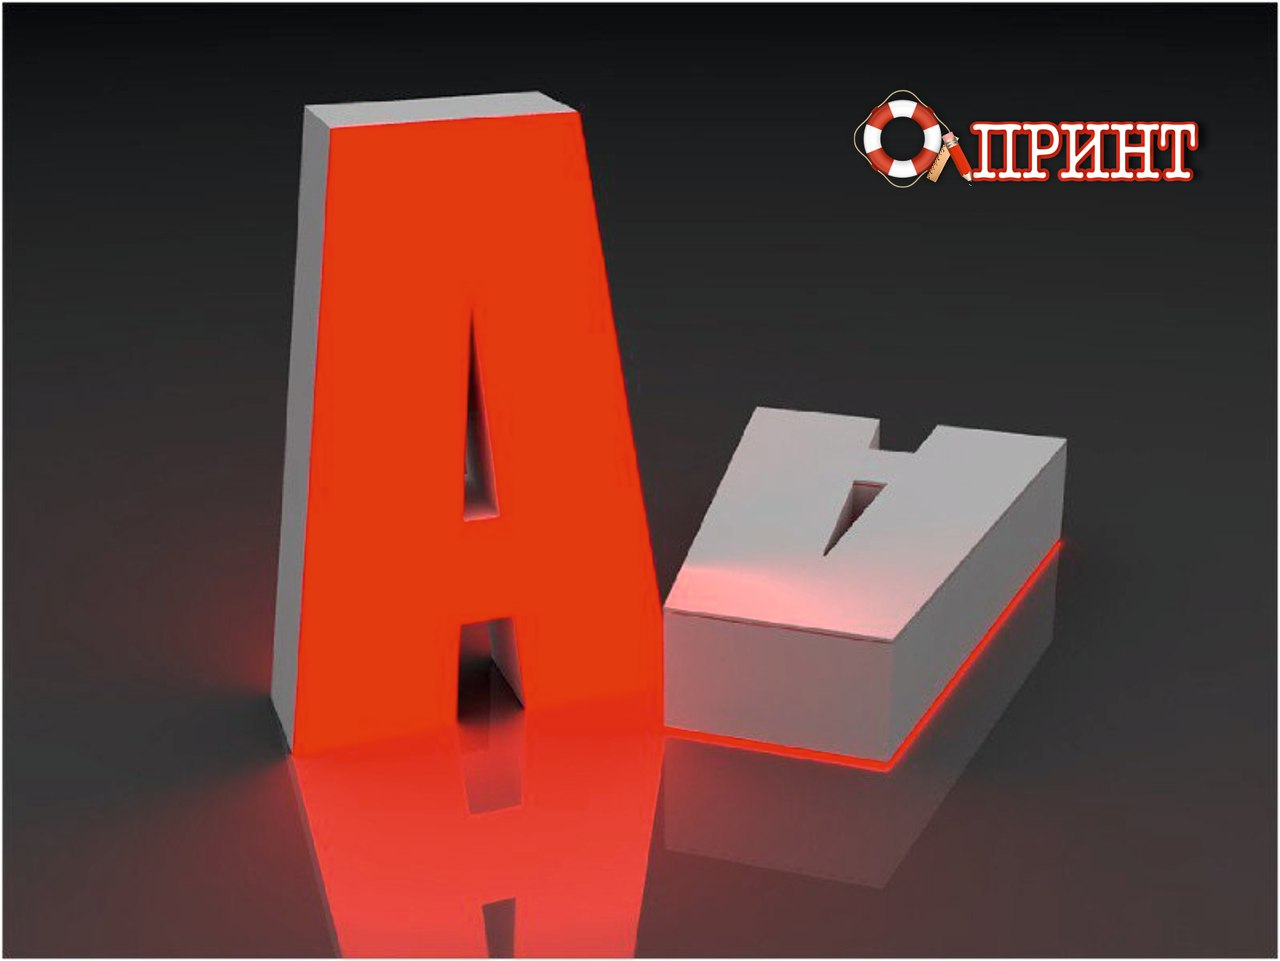 Объемные световые буквы в Москве дешево